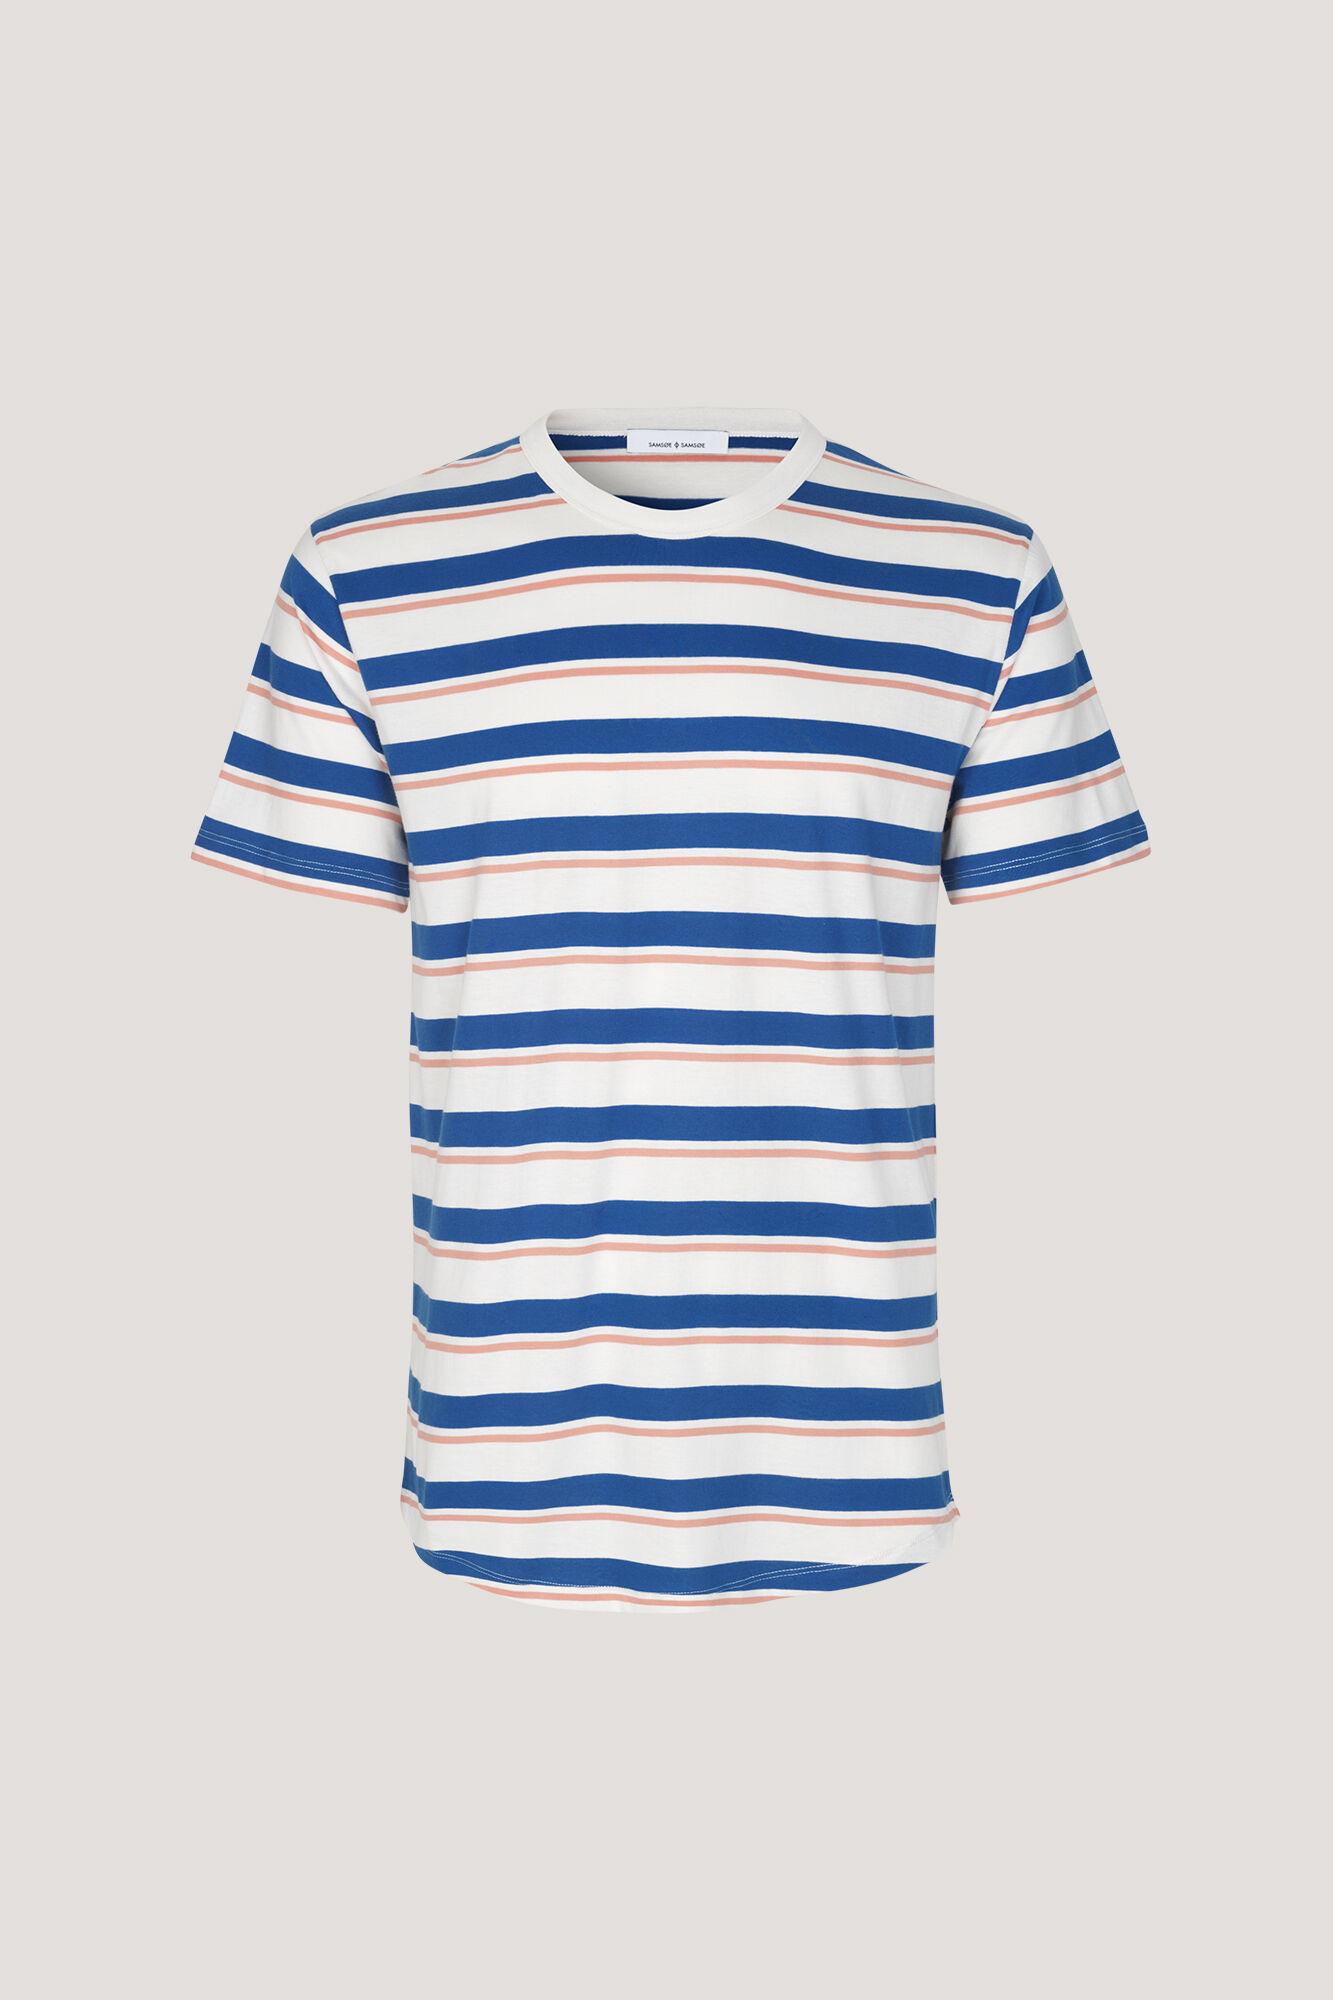 Bording t-shirt st 7913